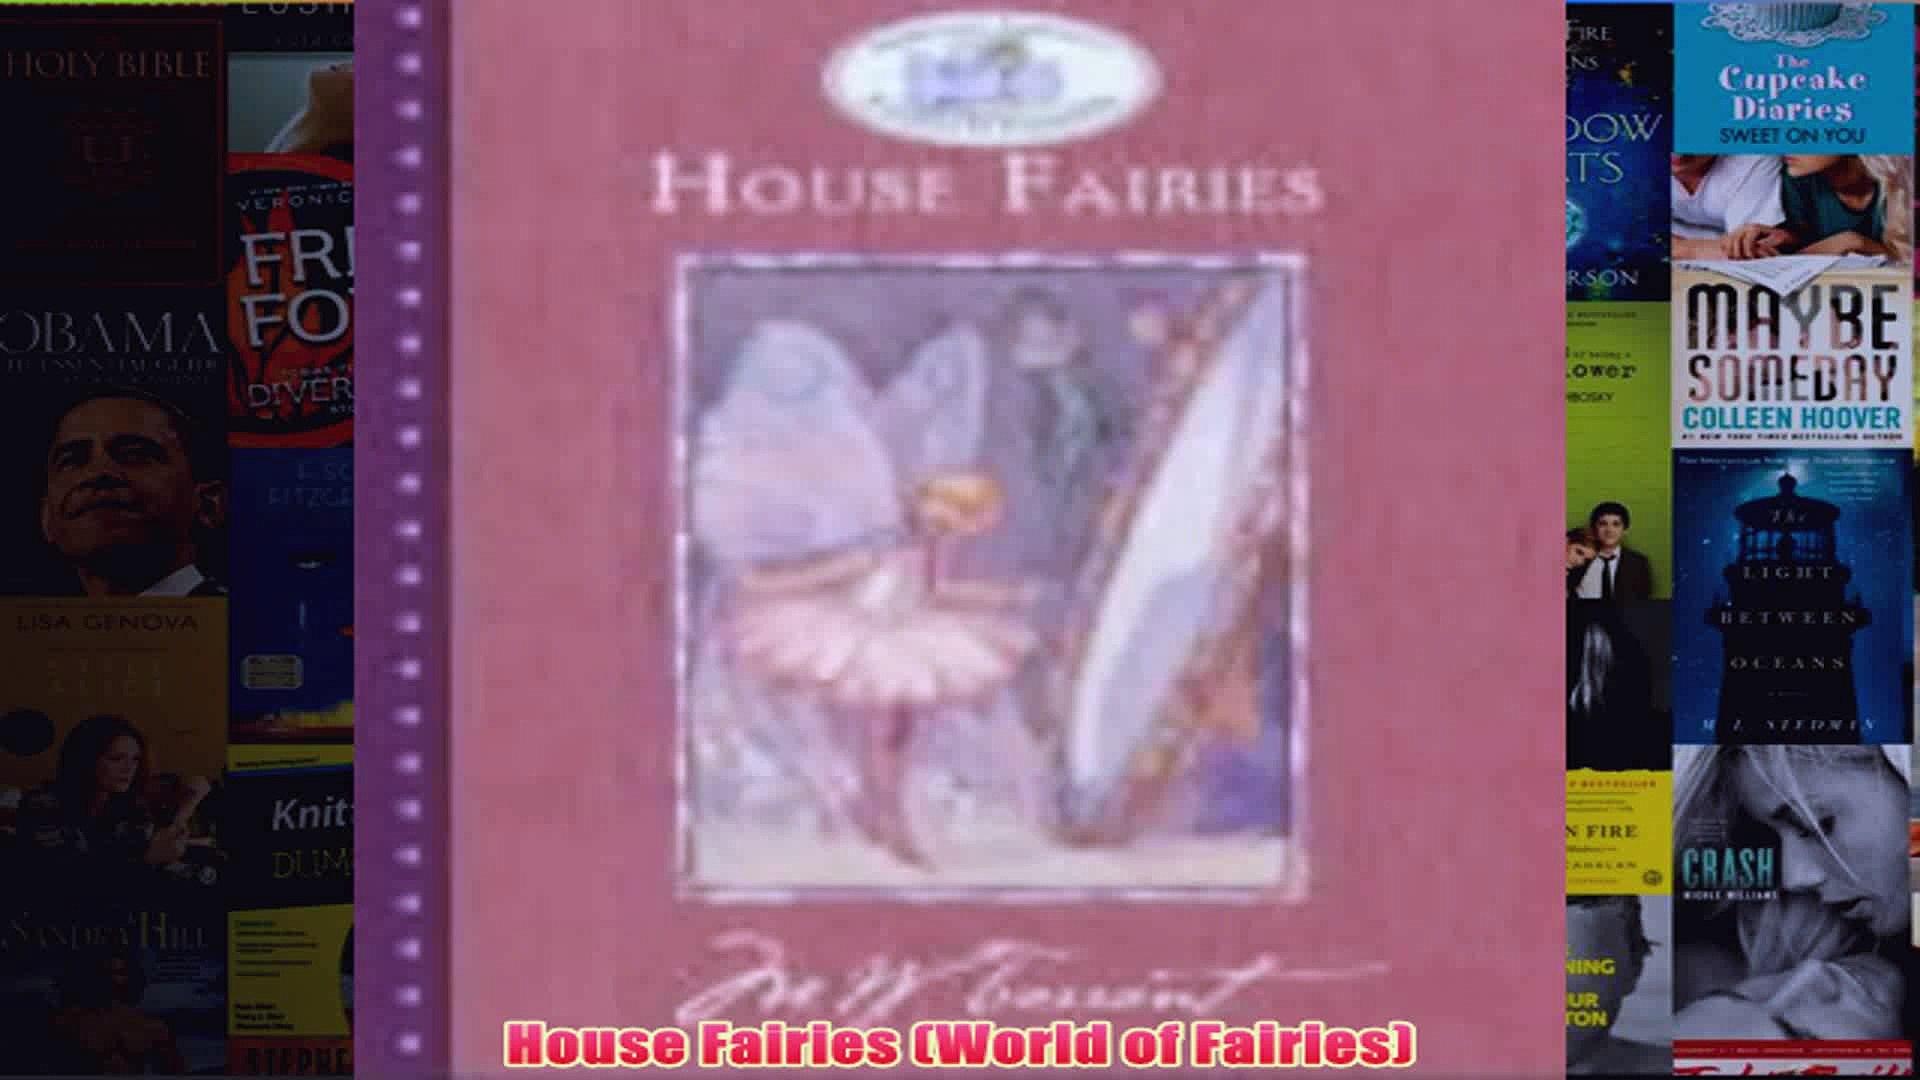 House Fairies World of Fairies